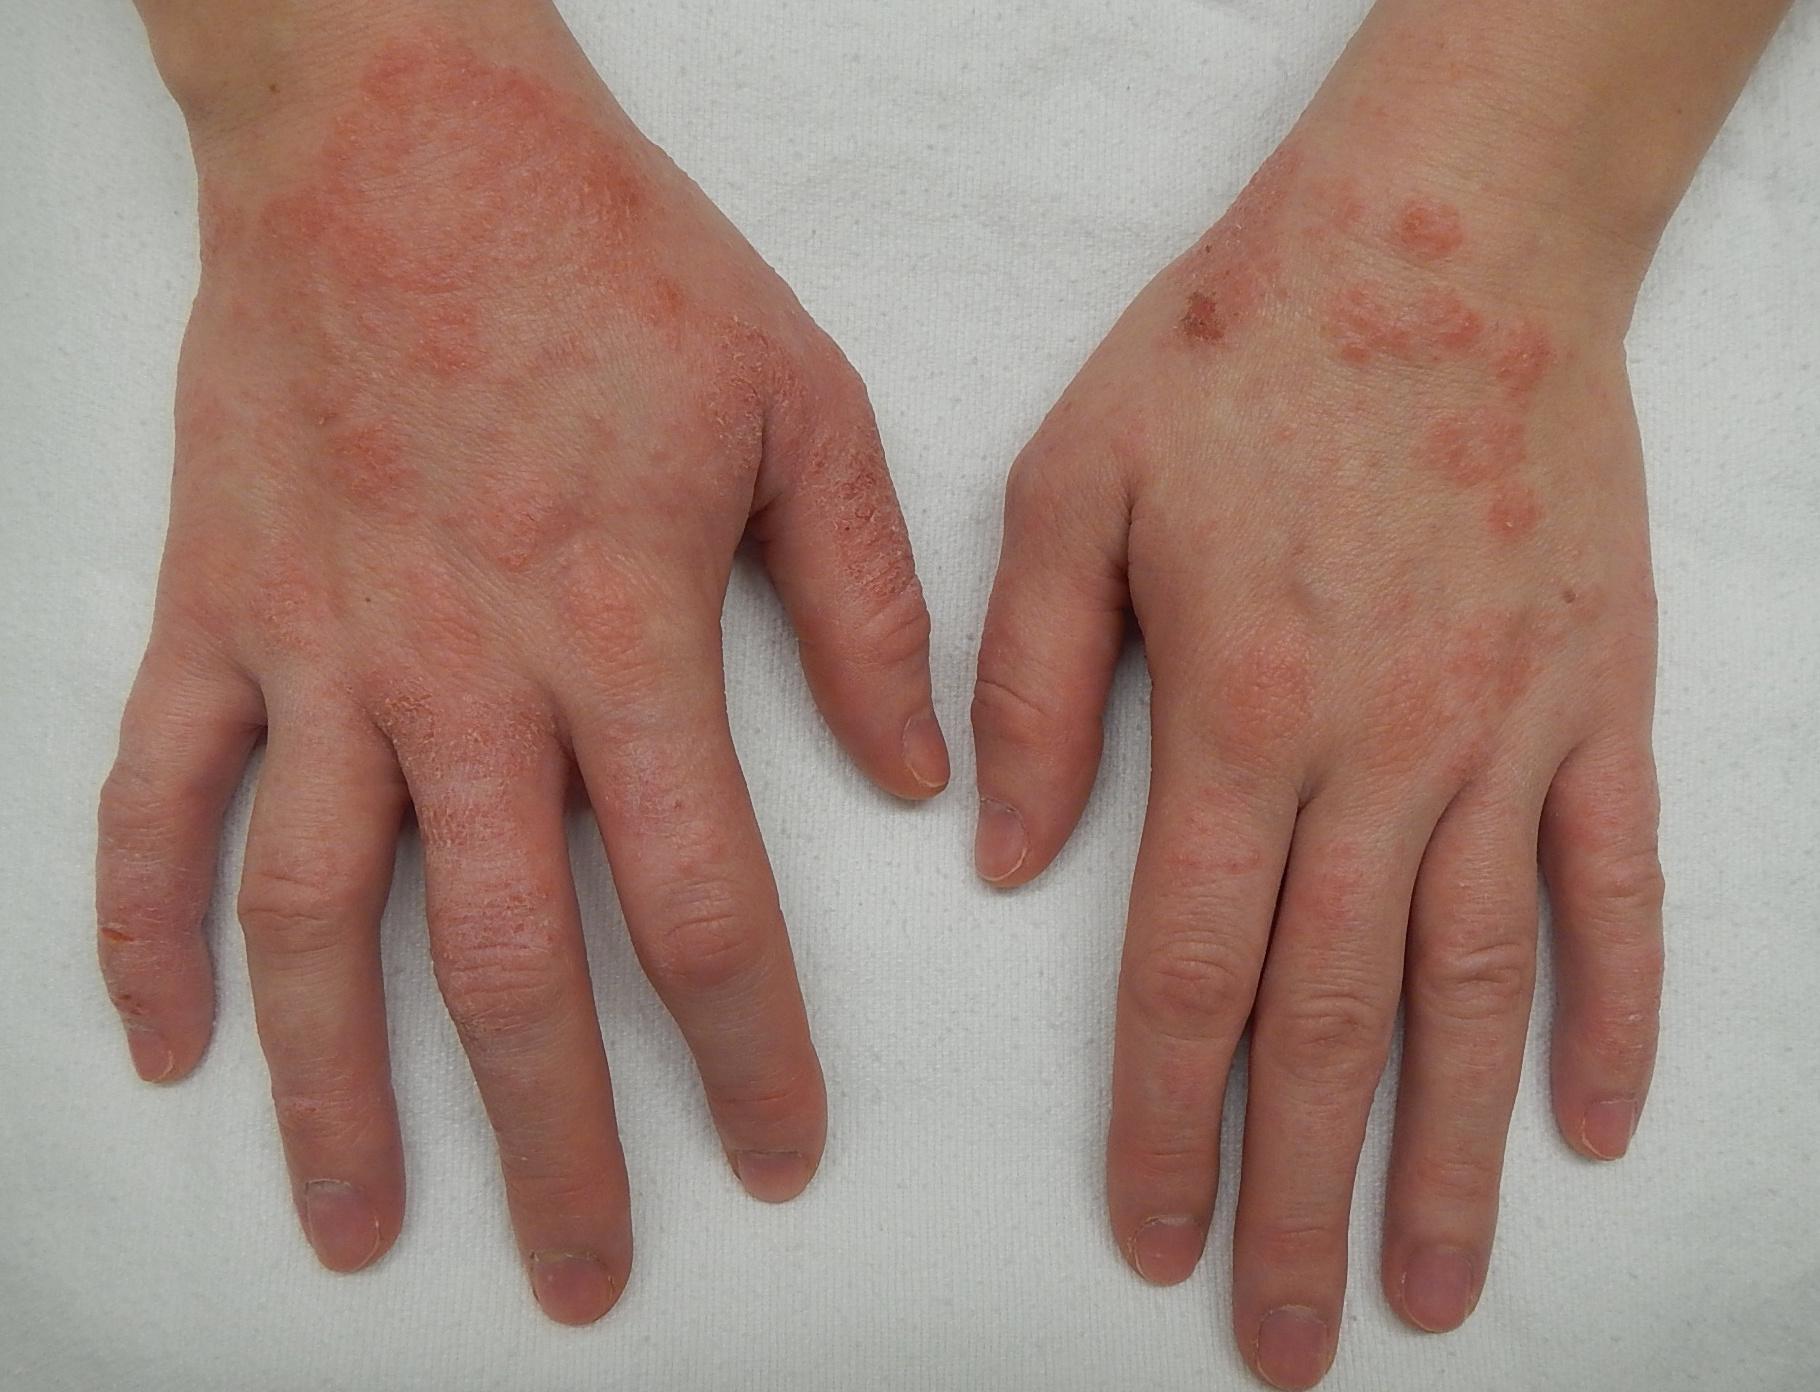 pikkelysömör nyálkahártya kezelése vörös folt a bőrön, hogyan kell kezelni a fényképet